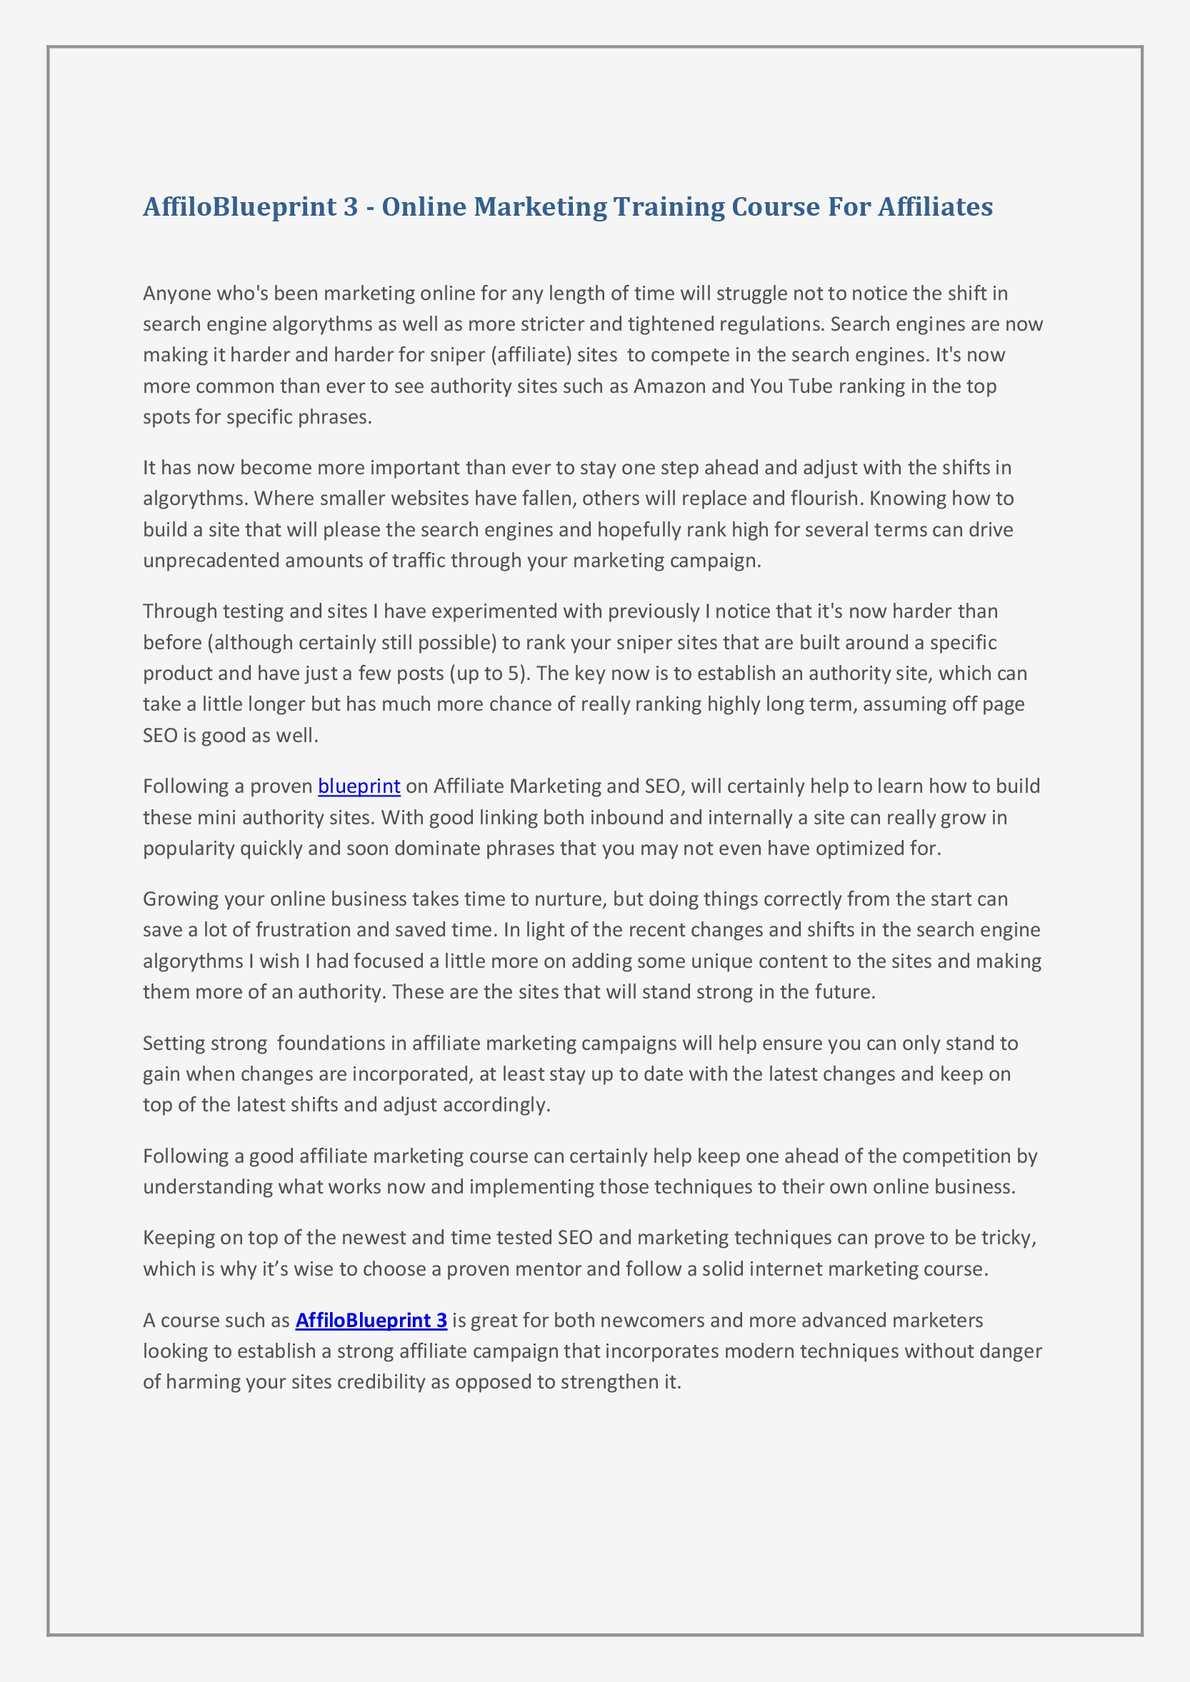 Calaméo - Pre Launch AffiloBlueprint 3 Review